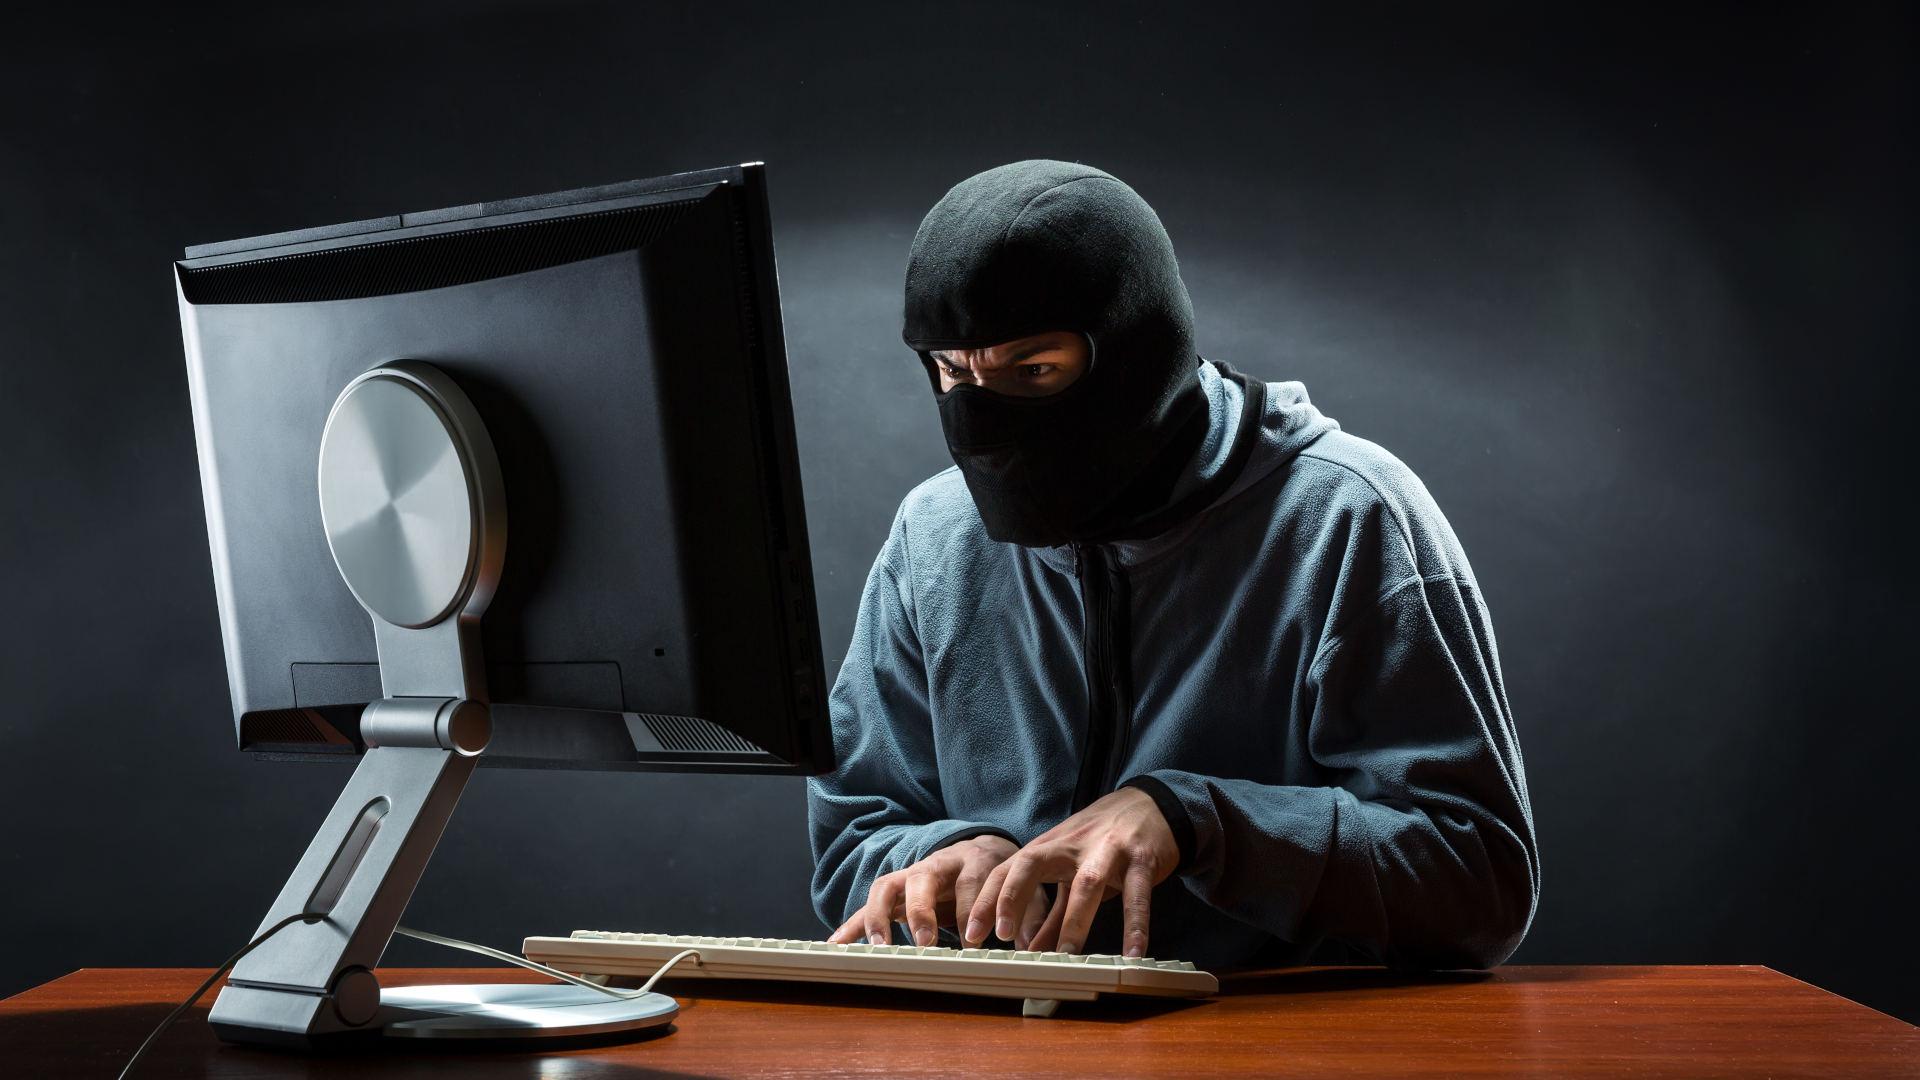 cyberprzestępcy oszuści wyłudzili od emerytów 150 tys zł na inwestycję w kryptowaluty